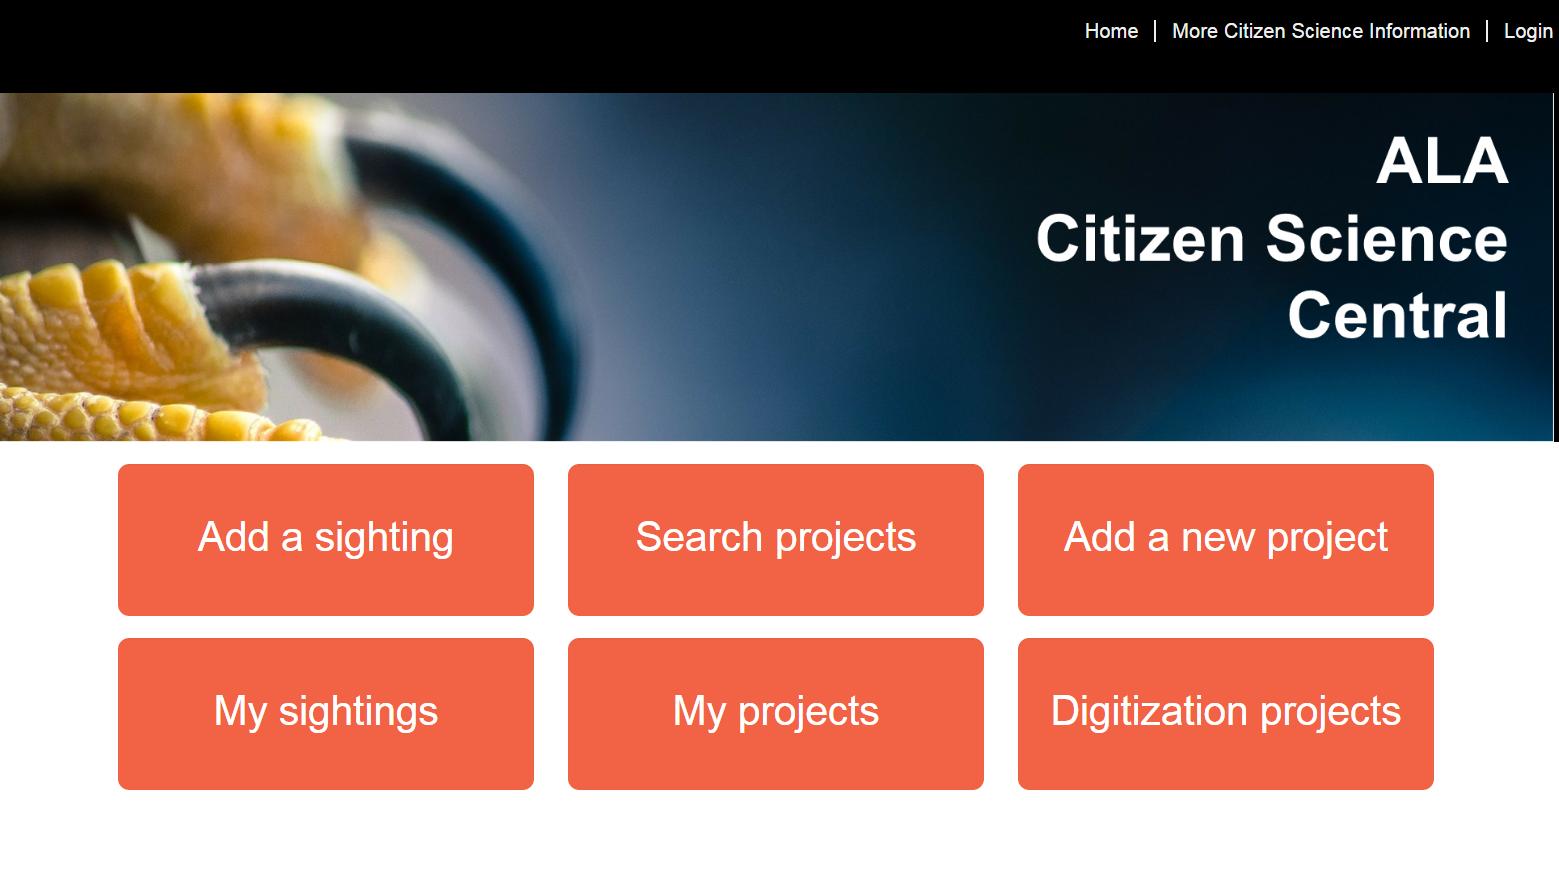 Goto ALA Citizen Science Central